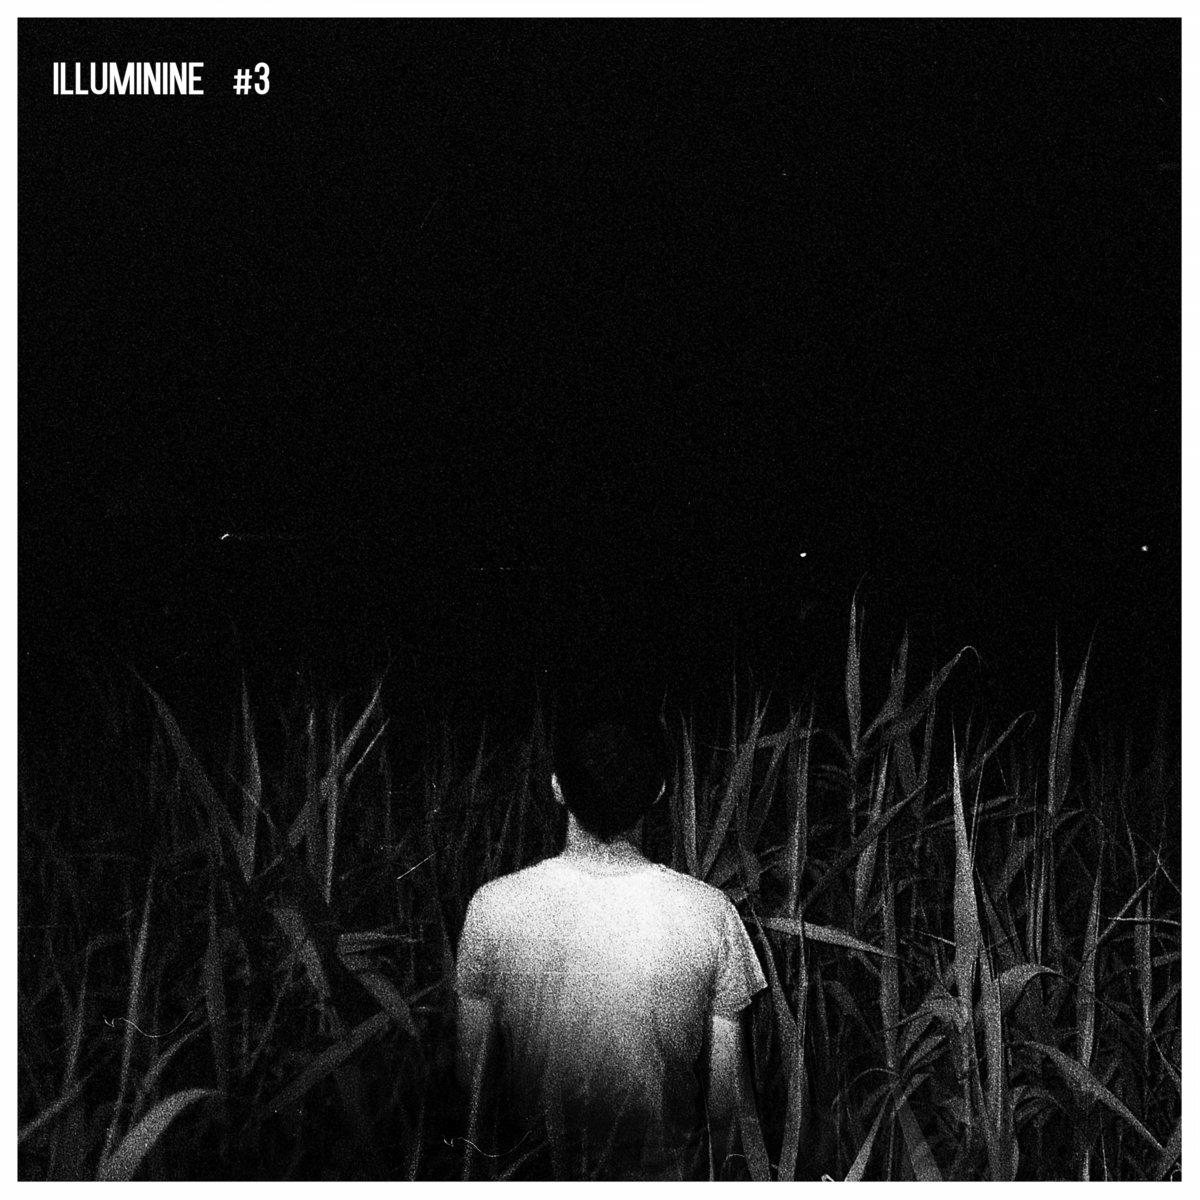 Illuminine